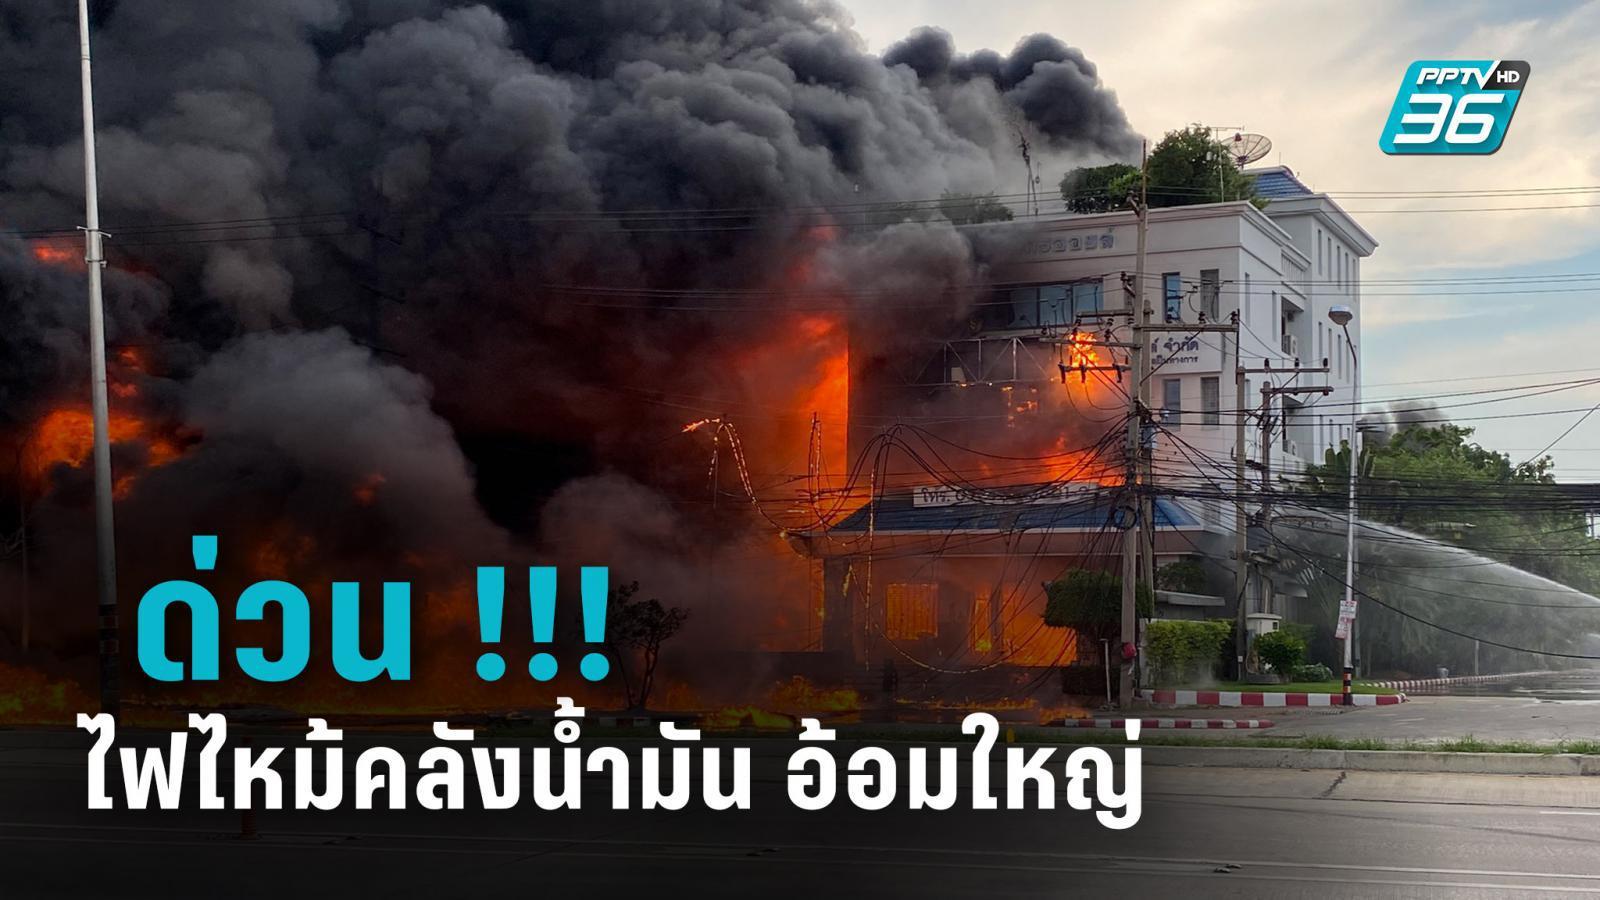 ด่วน! ไฟไหม้คลังน้ำมันหล่อลื่น ย่านอ้อมใหญ่ ลามอาคารสำนักงาน